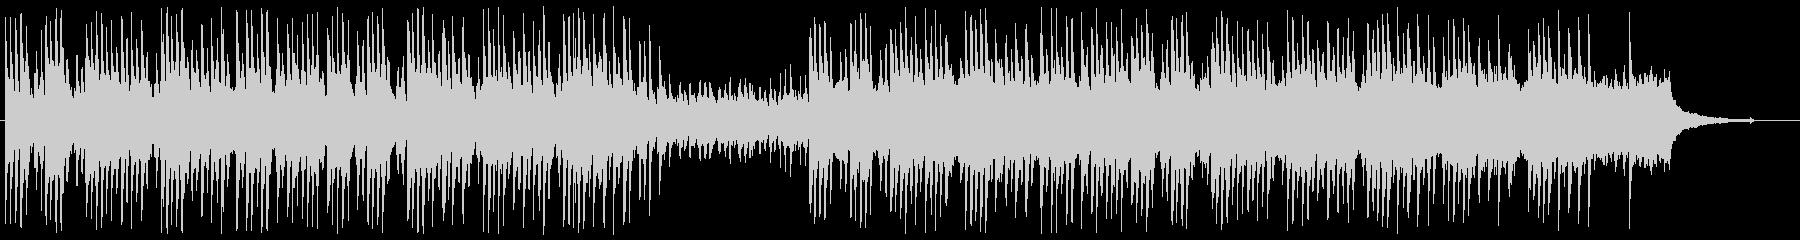 【ドラム・ベース抜き】アップテンポなほ…の未再生の波形